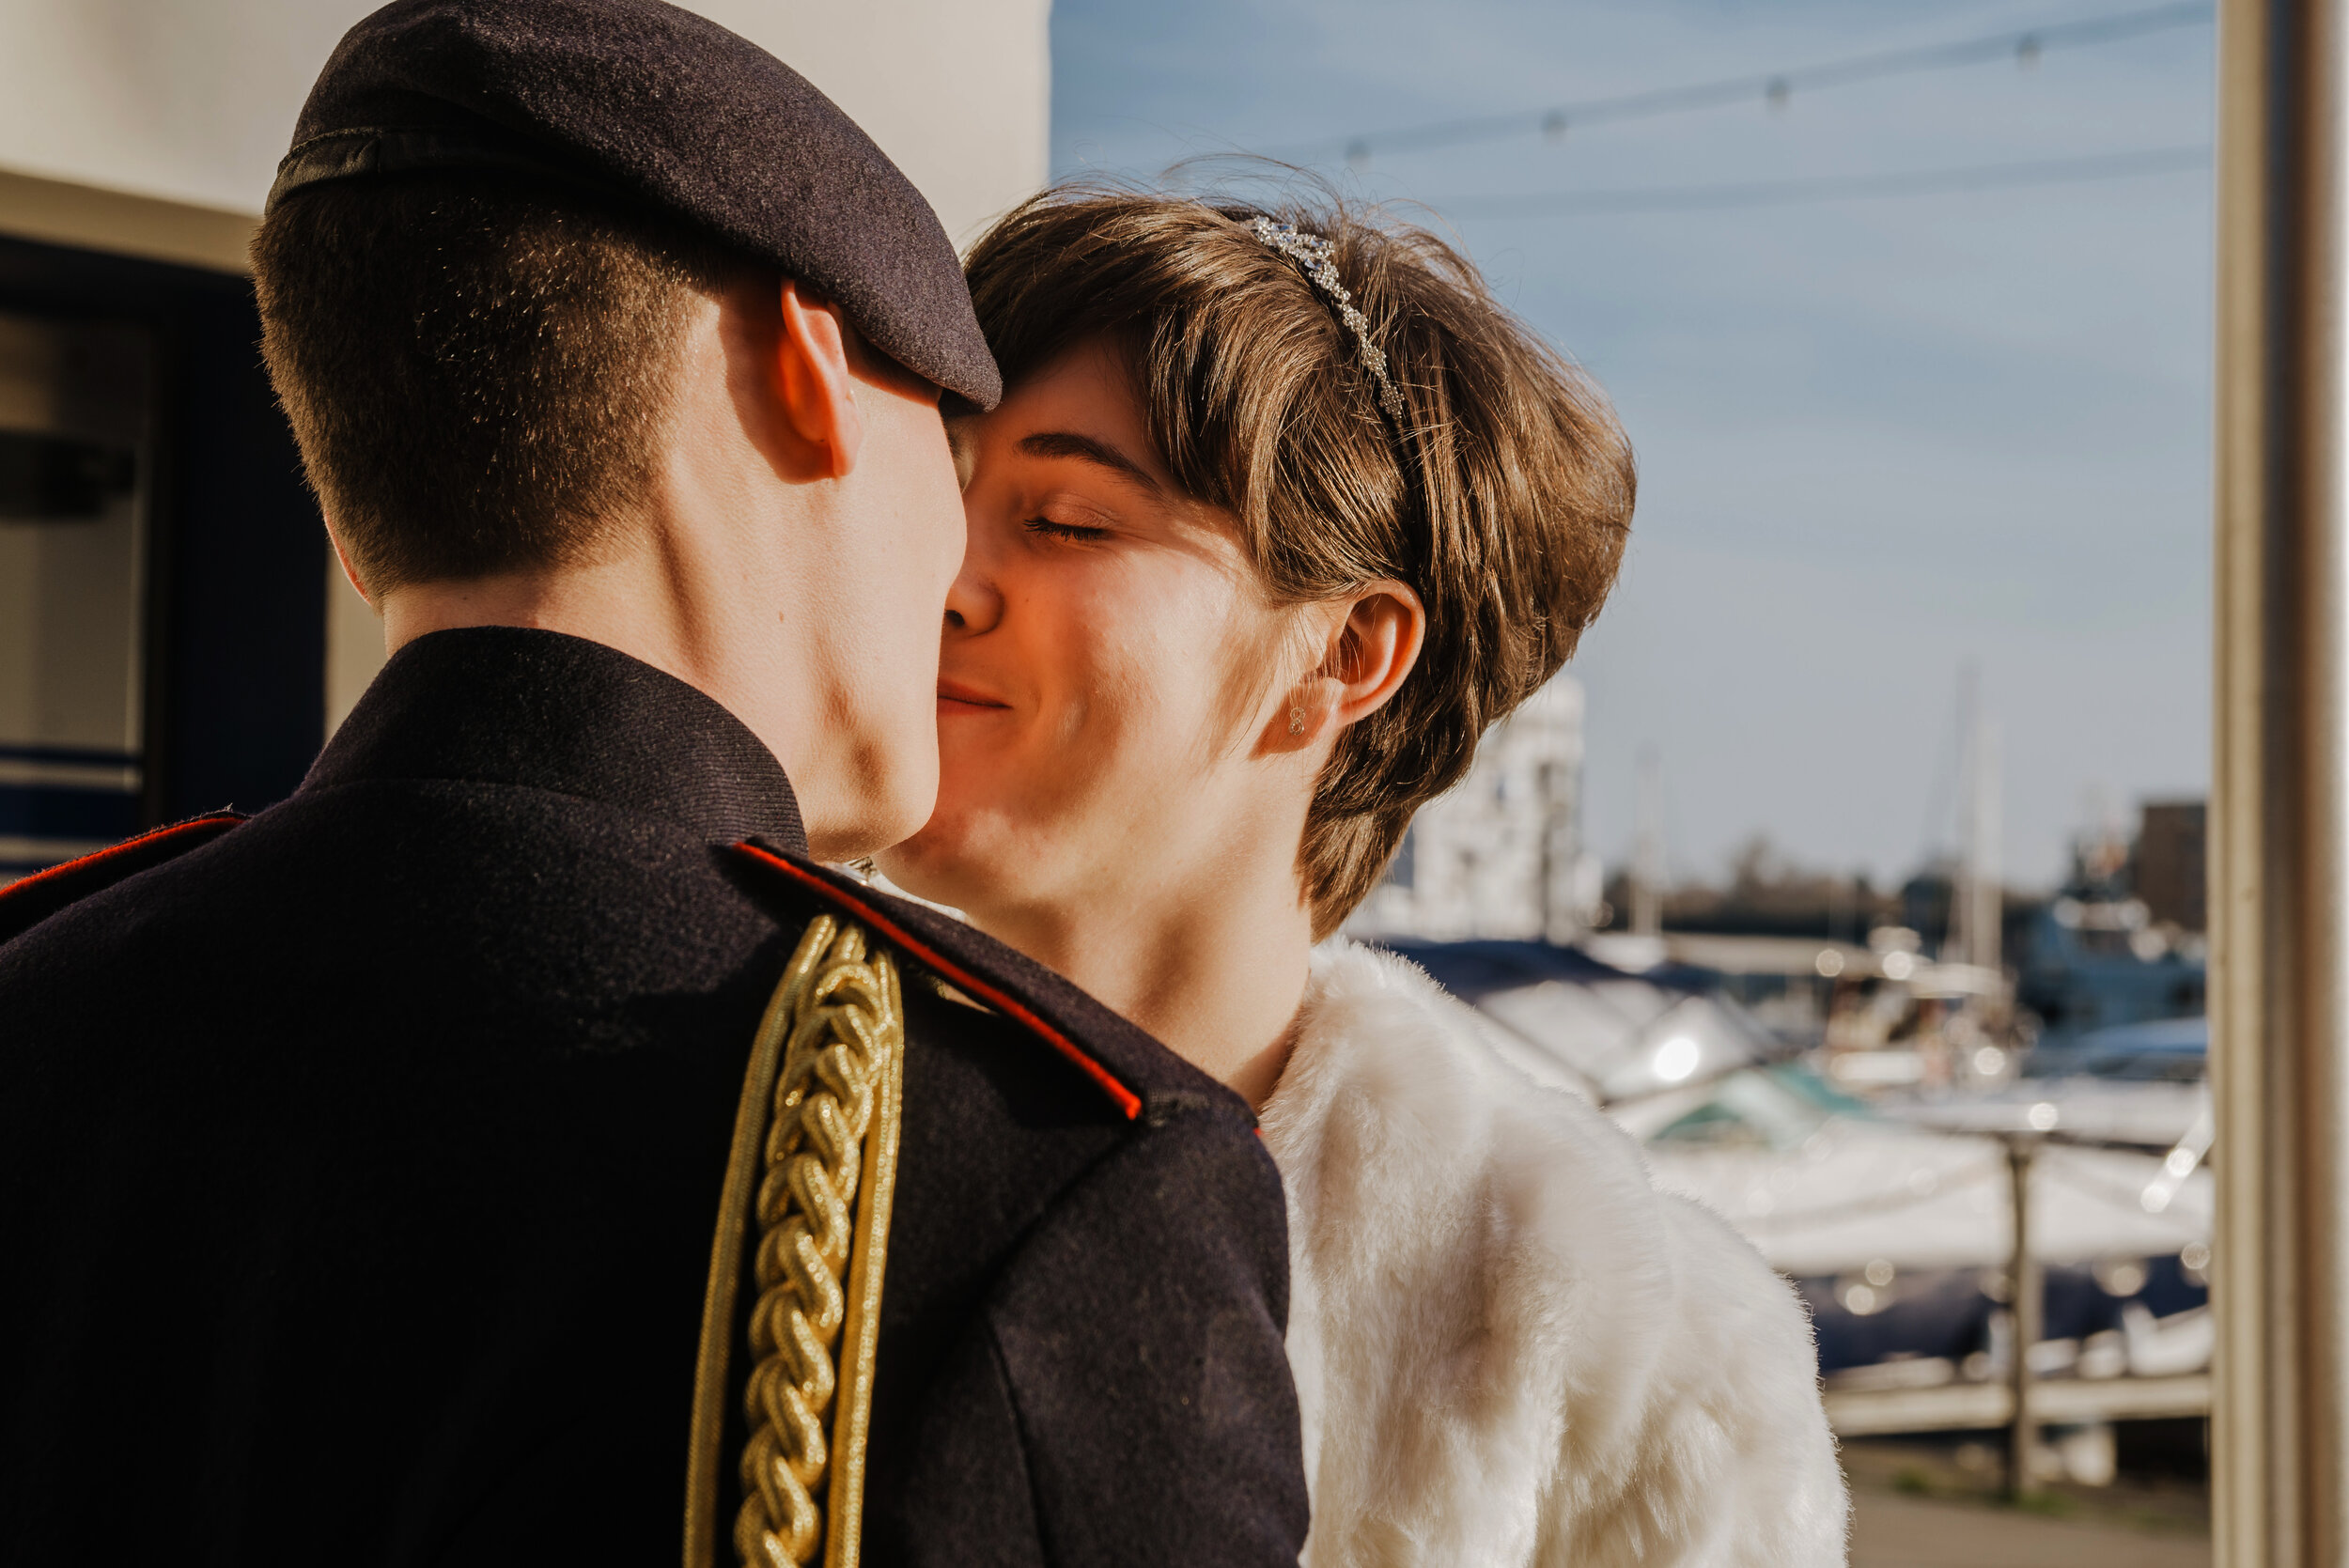 SUFFOLK_WEDDING_PHOTOGRAPHY_ISAACS_WEDDING_VENUE_WEDDINGPHOTOGRAPHERNEARME_iPSWICHWEDDINGPHOTOGRAPHER (55).jpg